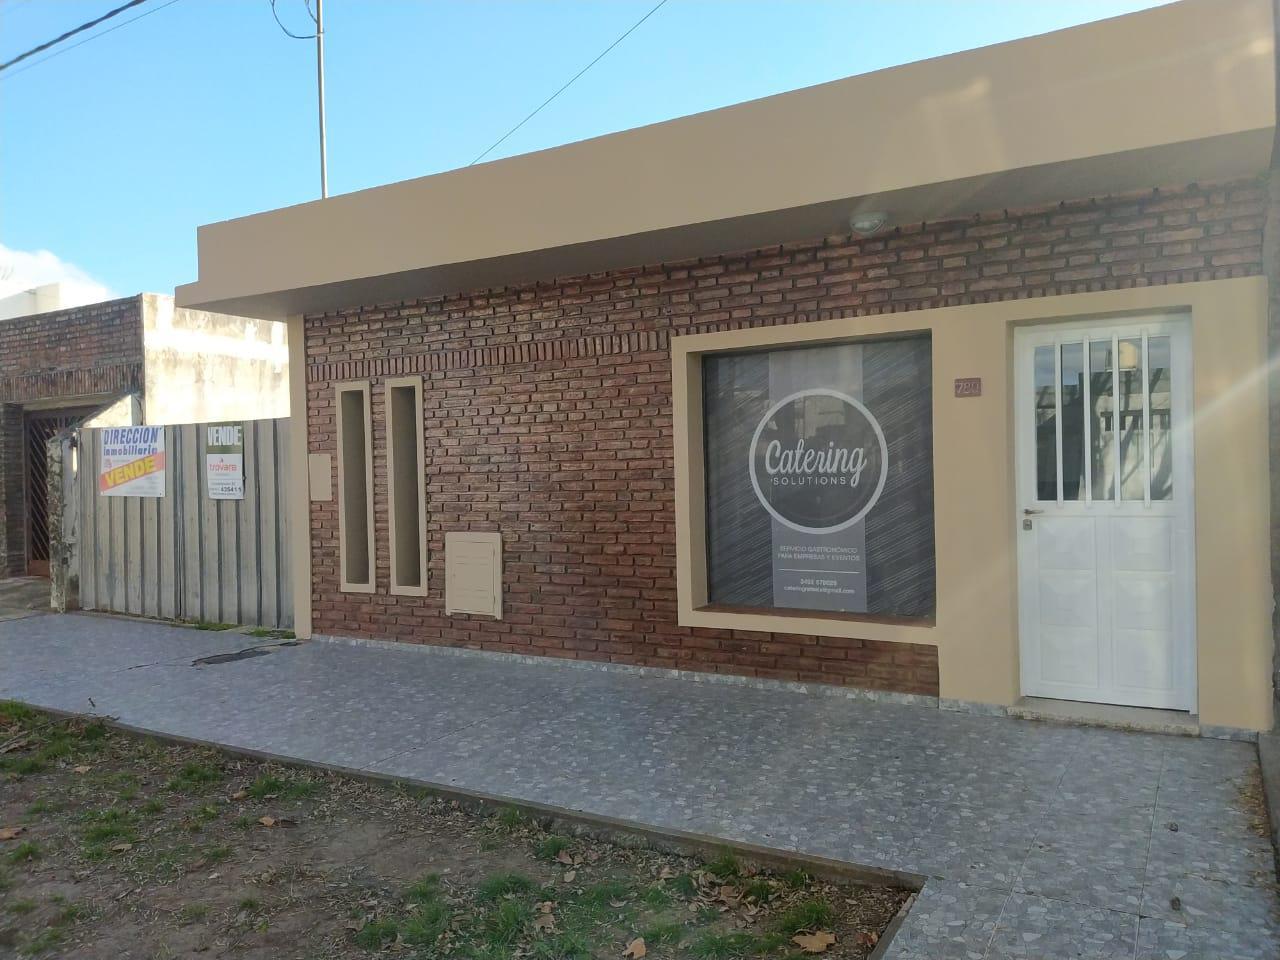 Cossettini 780 - Gaggiotti Inmobiliaria cuenta con más de 50 años desde que se inicio en el negocio de los servicios inmobiliarios.